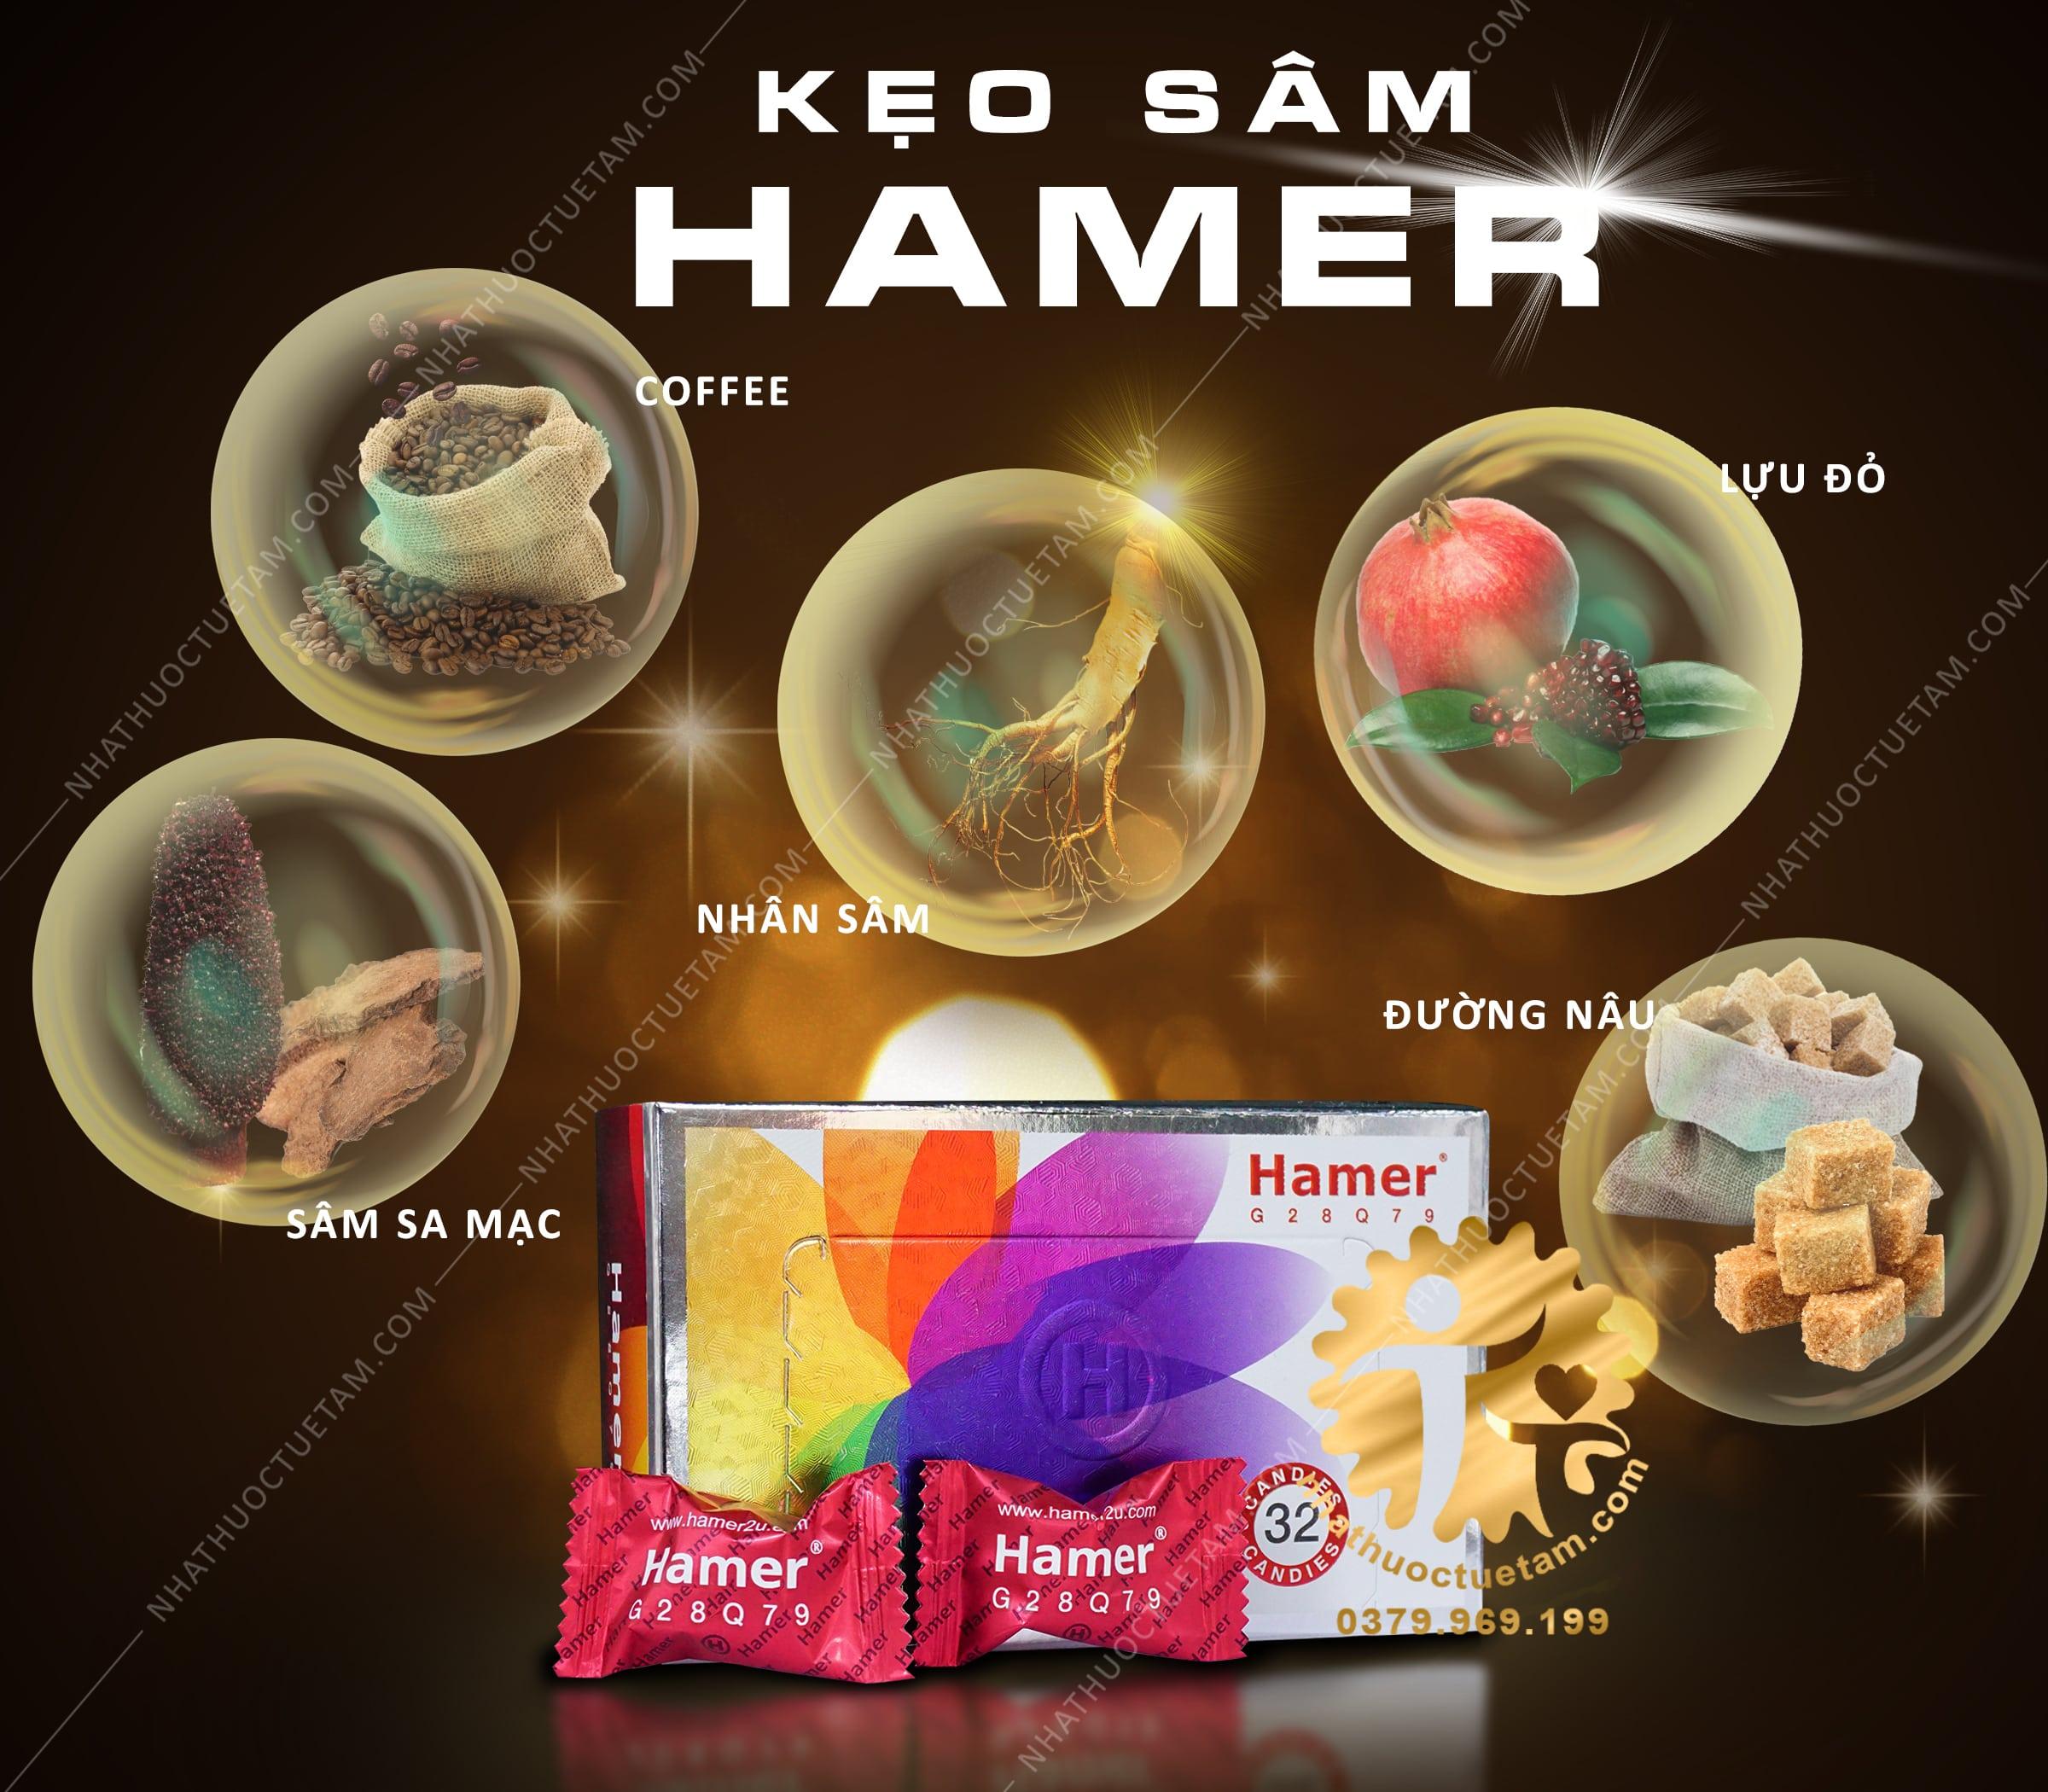 kẹo sâm hamer có thành phần gì